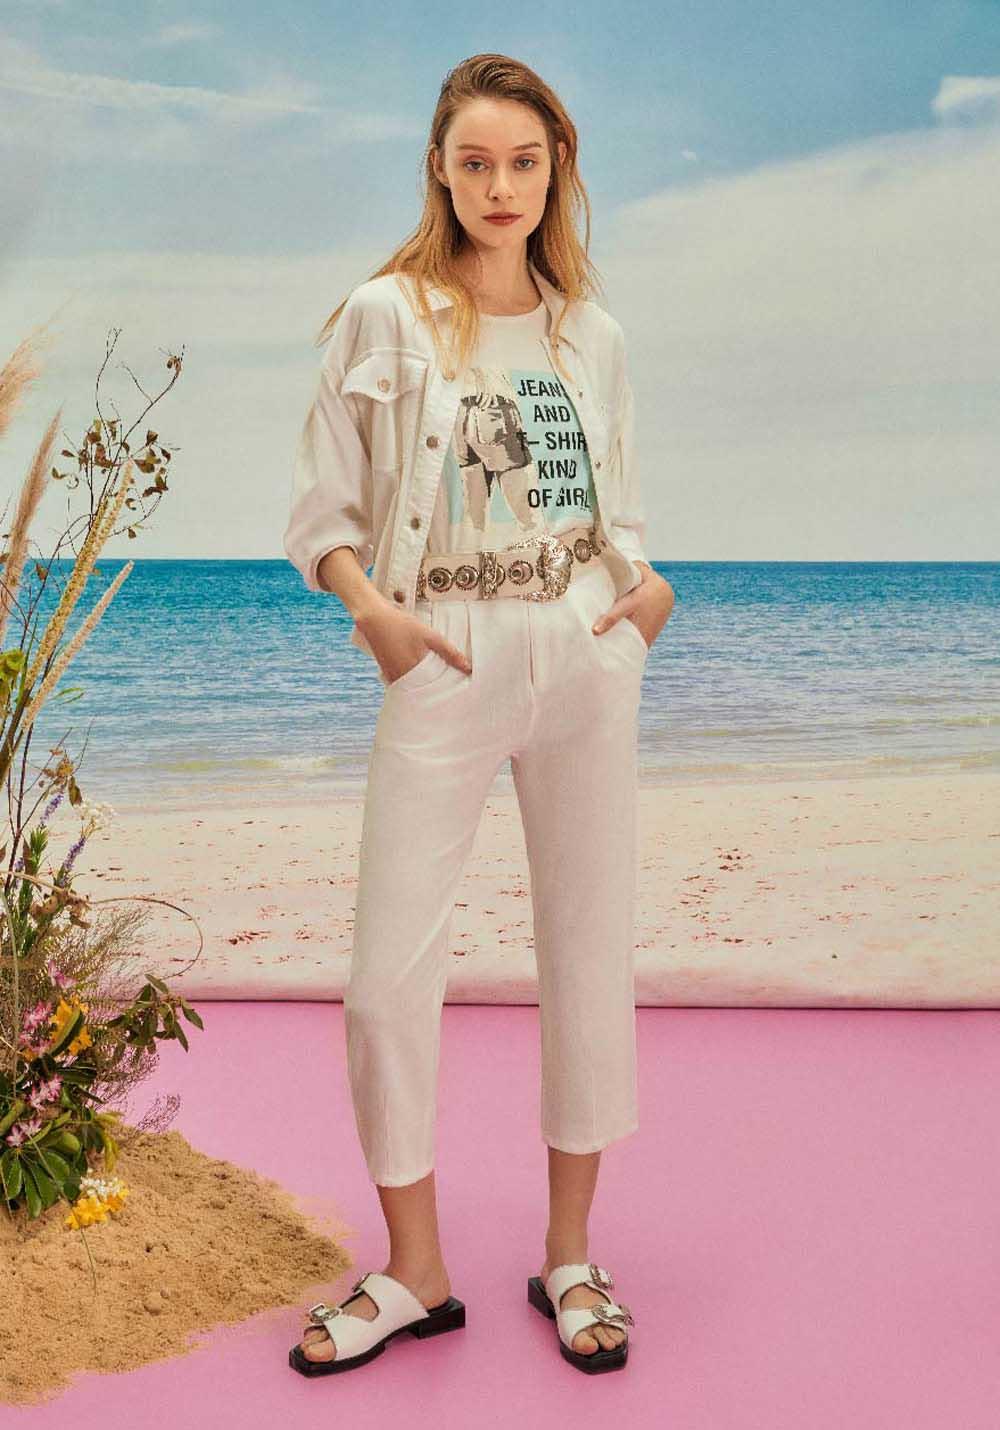 Pantalones de verano 2021 marcas de moda